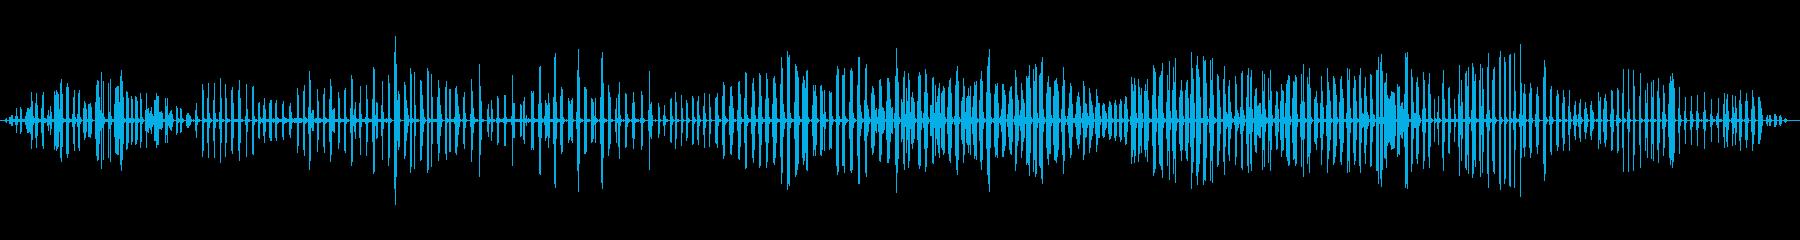 リード・ウォーブラー、アクロセファ...の再生済みの波形